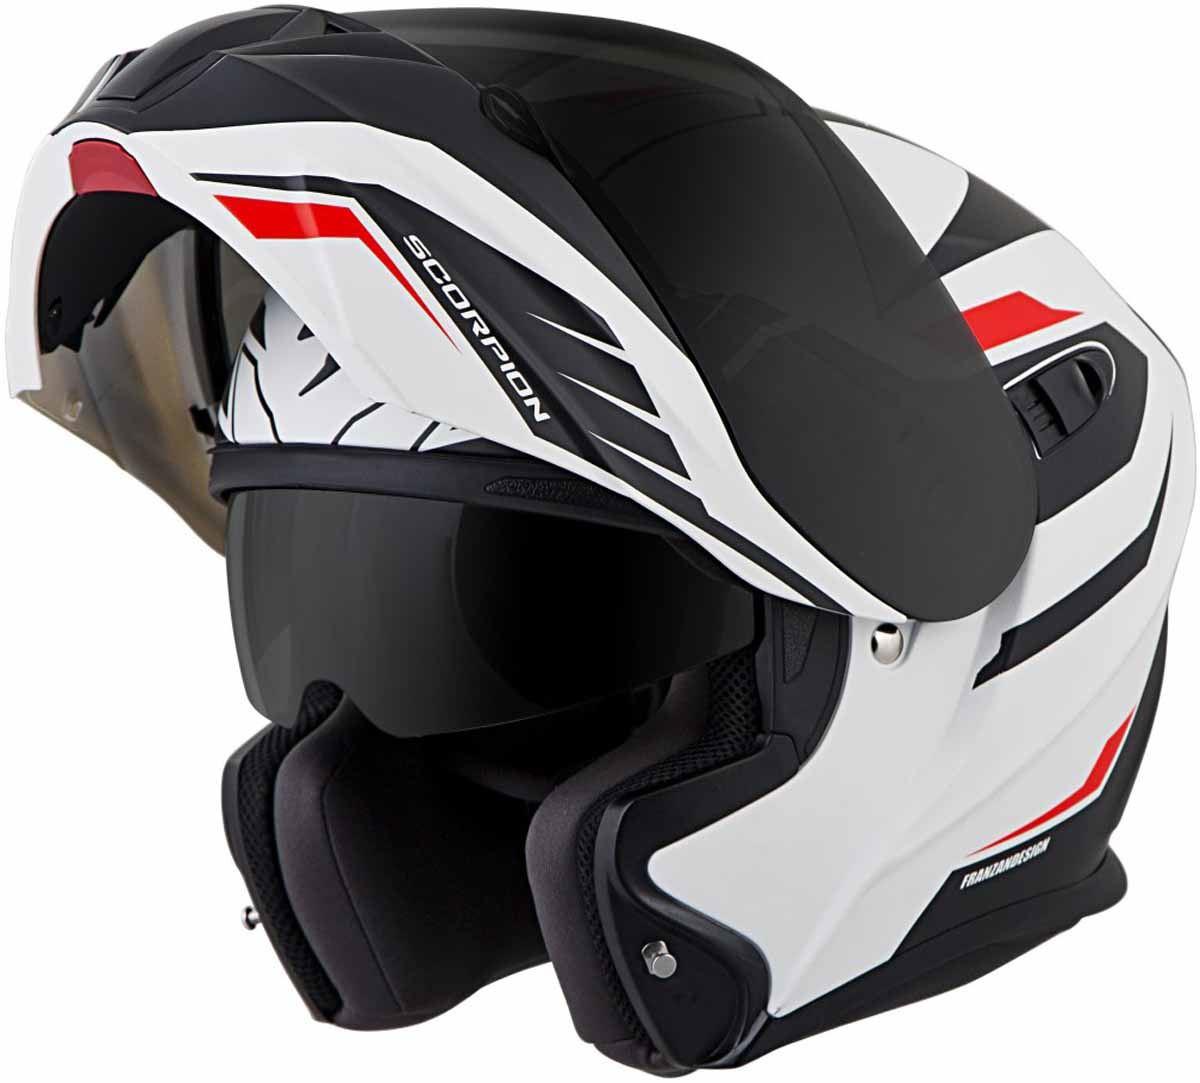 Scorpion-EXO-GT920-Helmet-Sport-Touring-Modular-Flip-Up-DOT-Approved-XS-3XL miniature 36